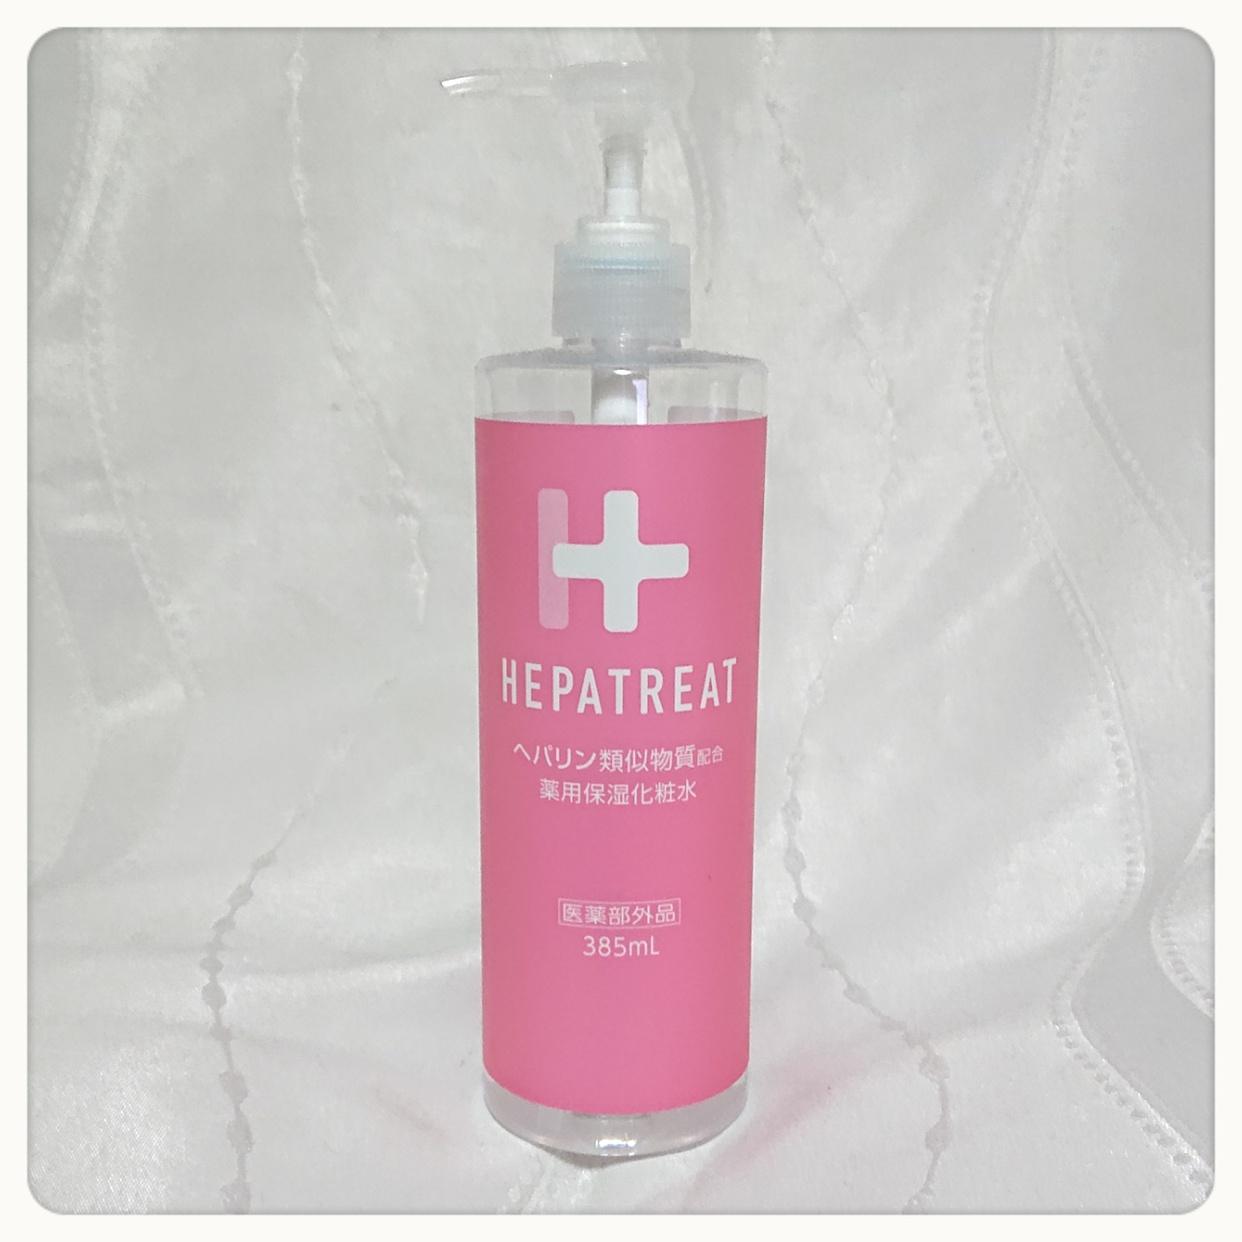 ZETTOC STYLE(ゼトックスタイル) ヘパトリート 薬用保湿化粧水を使ったnakoさんのクチコミ画像1